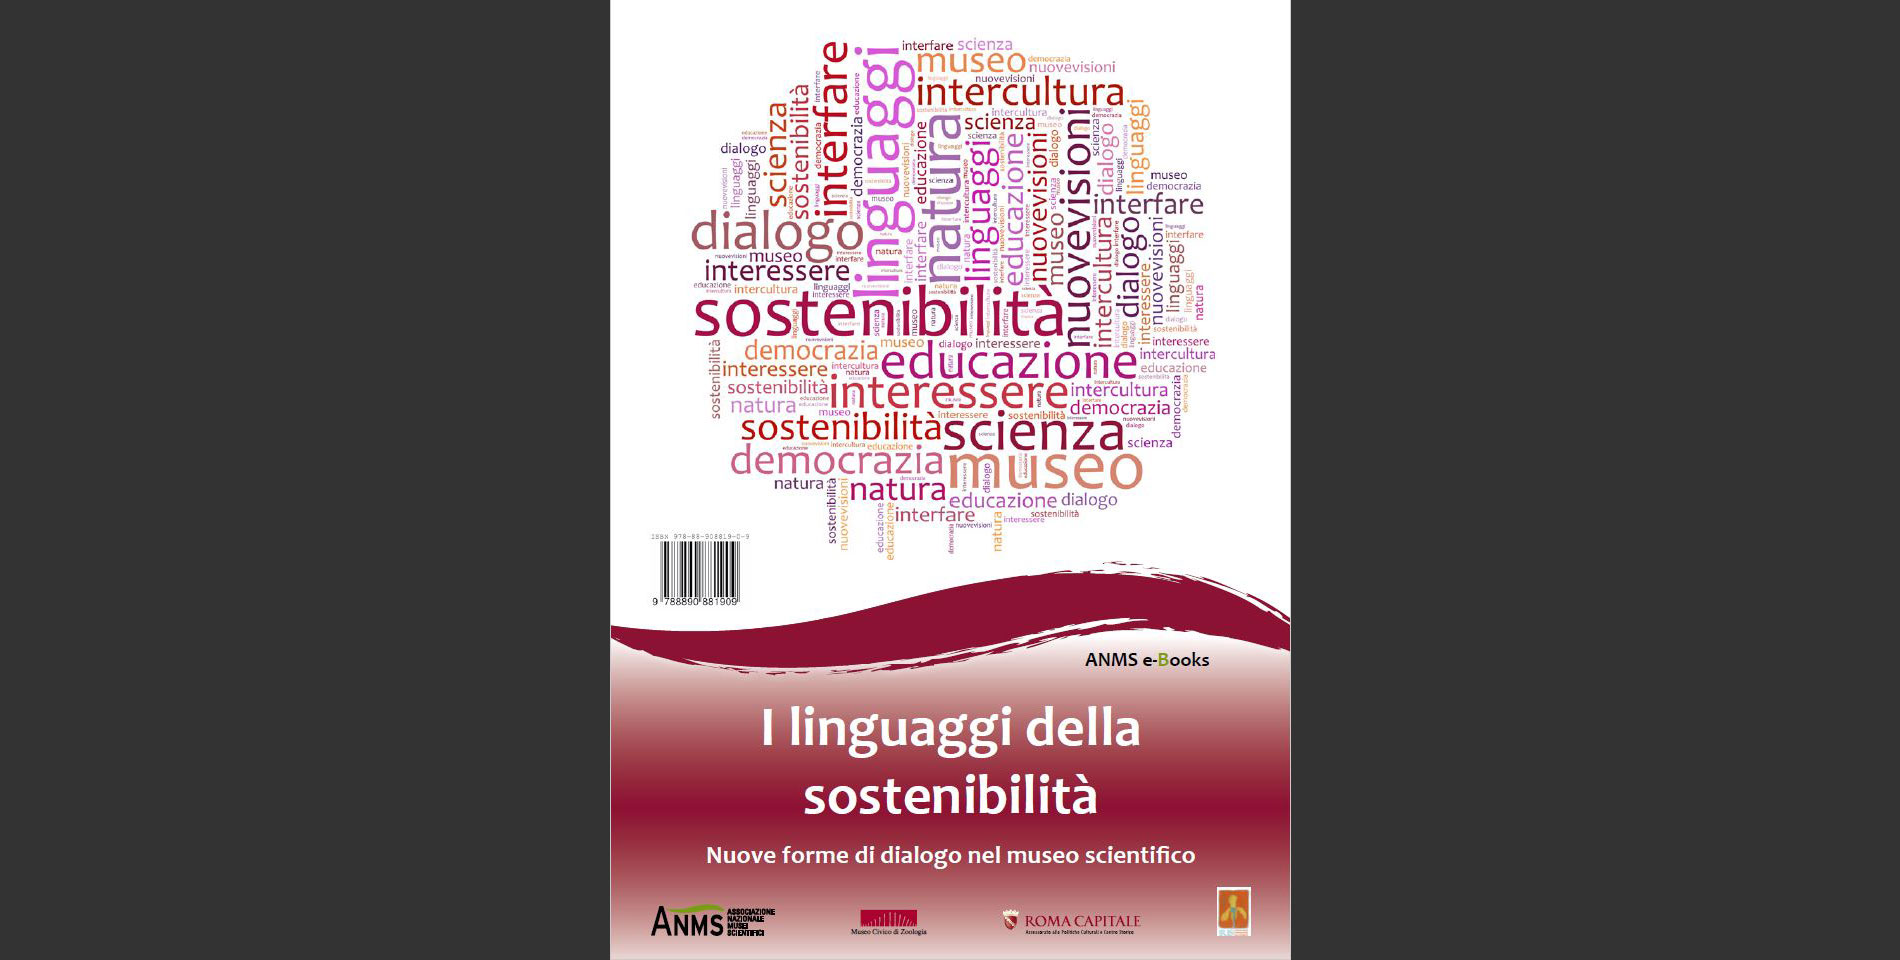 Copertina e-book Linguaggi della Sostenibilità